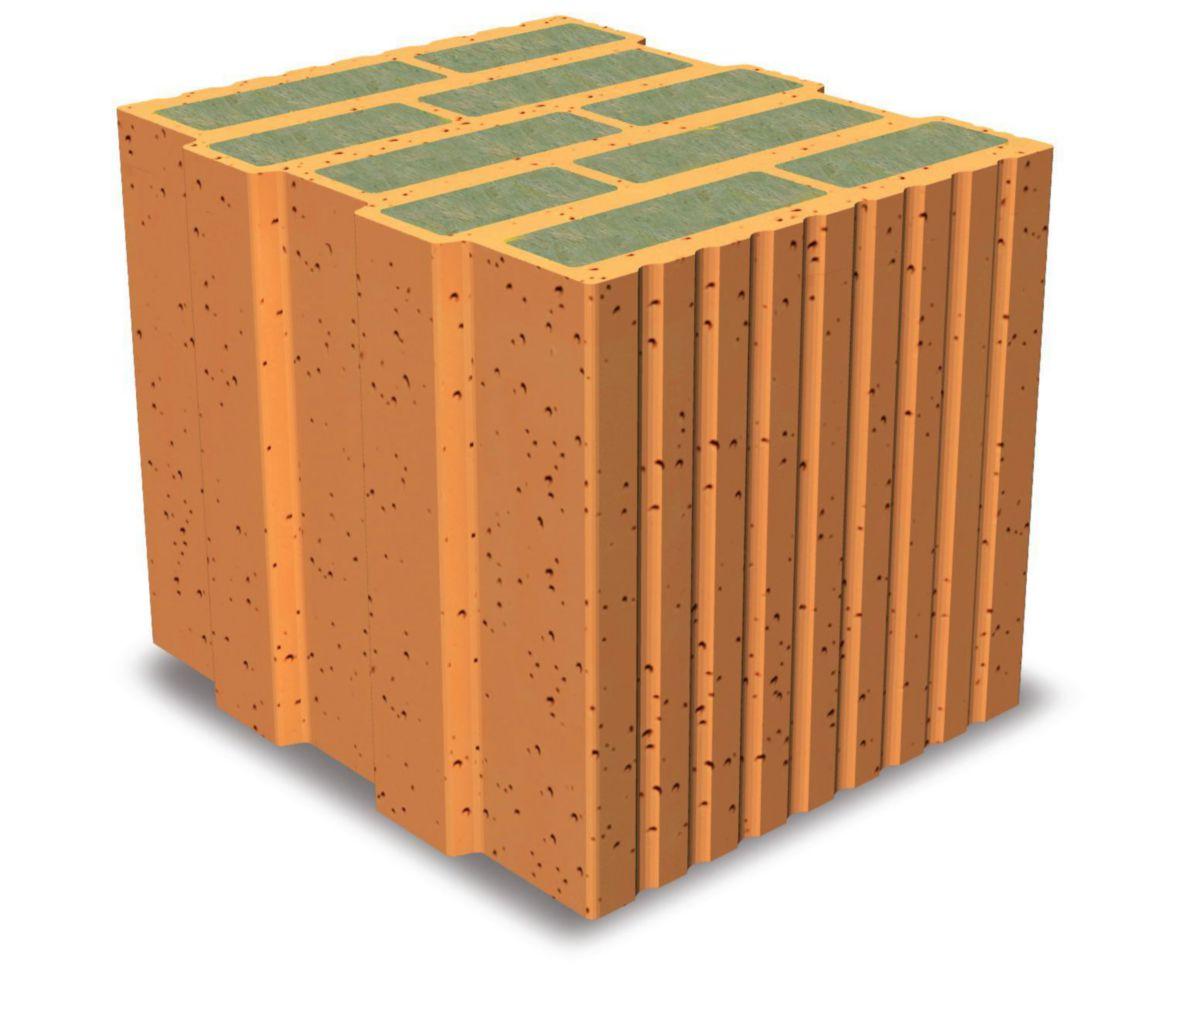 brique monomur prix elegant brique foraine castorama toulouse u sur surprenant brique monomur. Black Bedroom Furniture Sets. Home Design Ideas